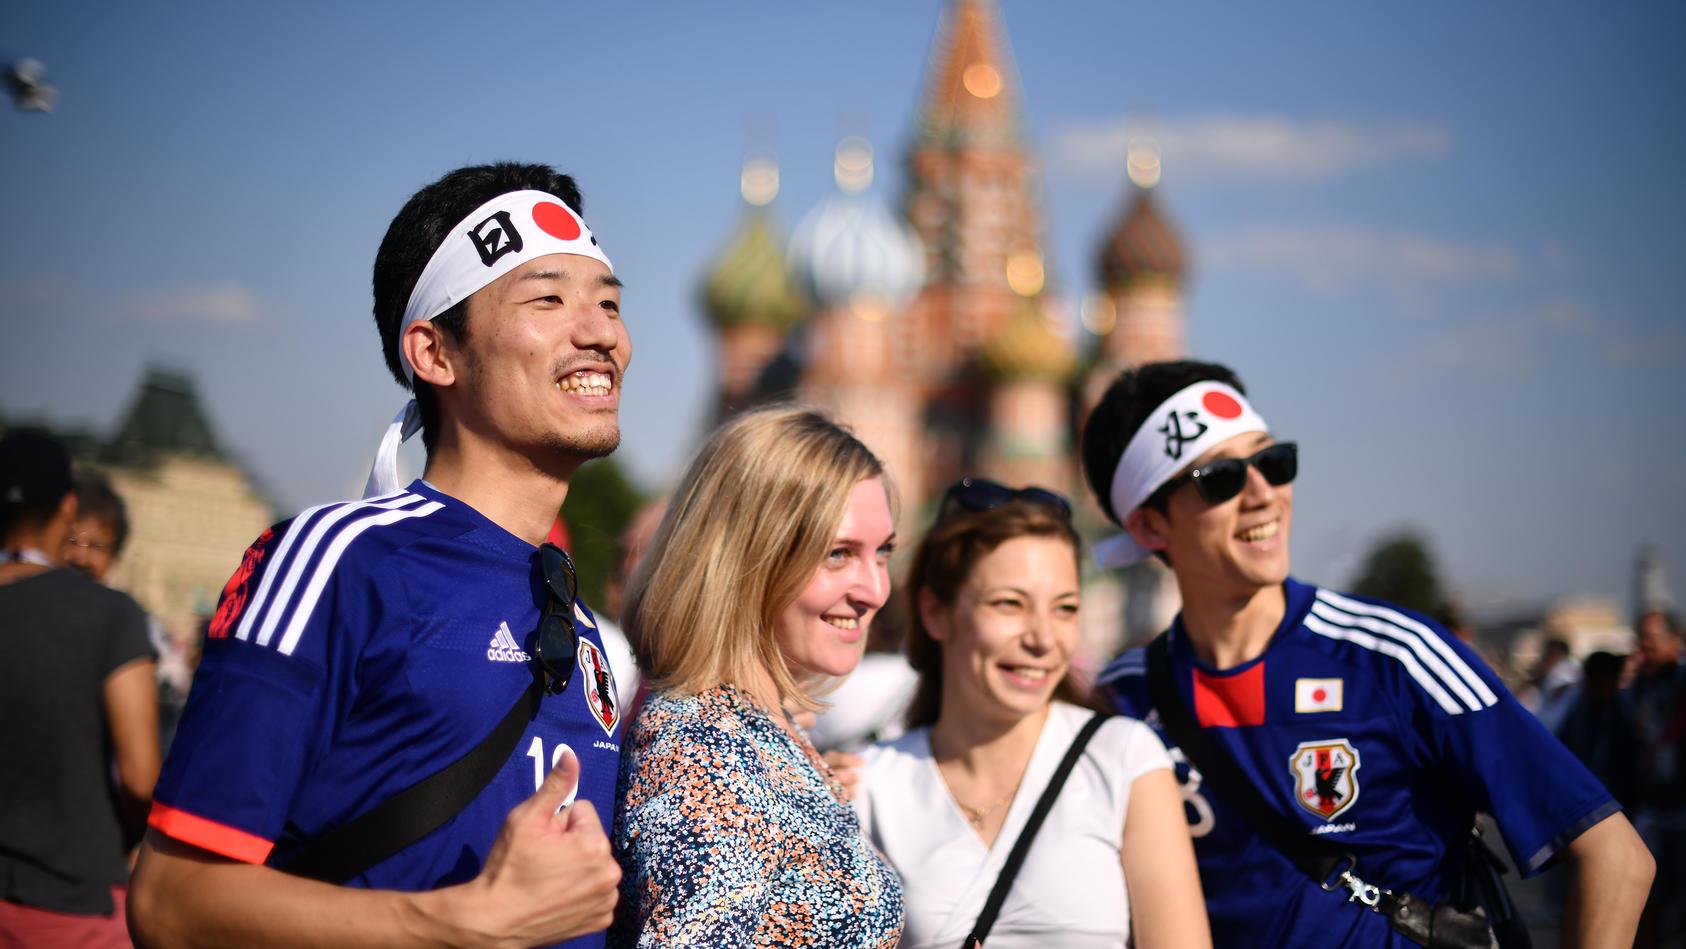 Russische Frauen freuen sich über die WM und die Gäste aus dem Ausland - für viele russischer Männer offenbar kaum zu ertragen.